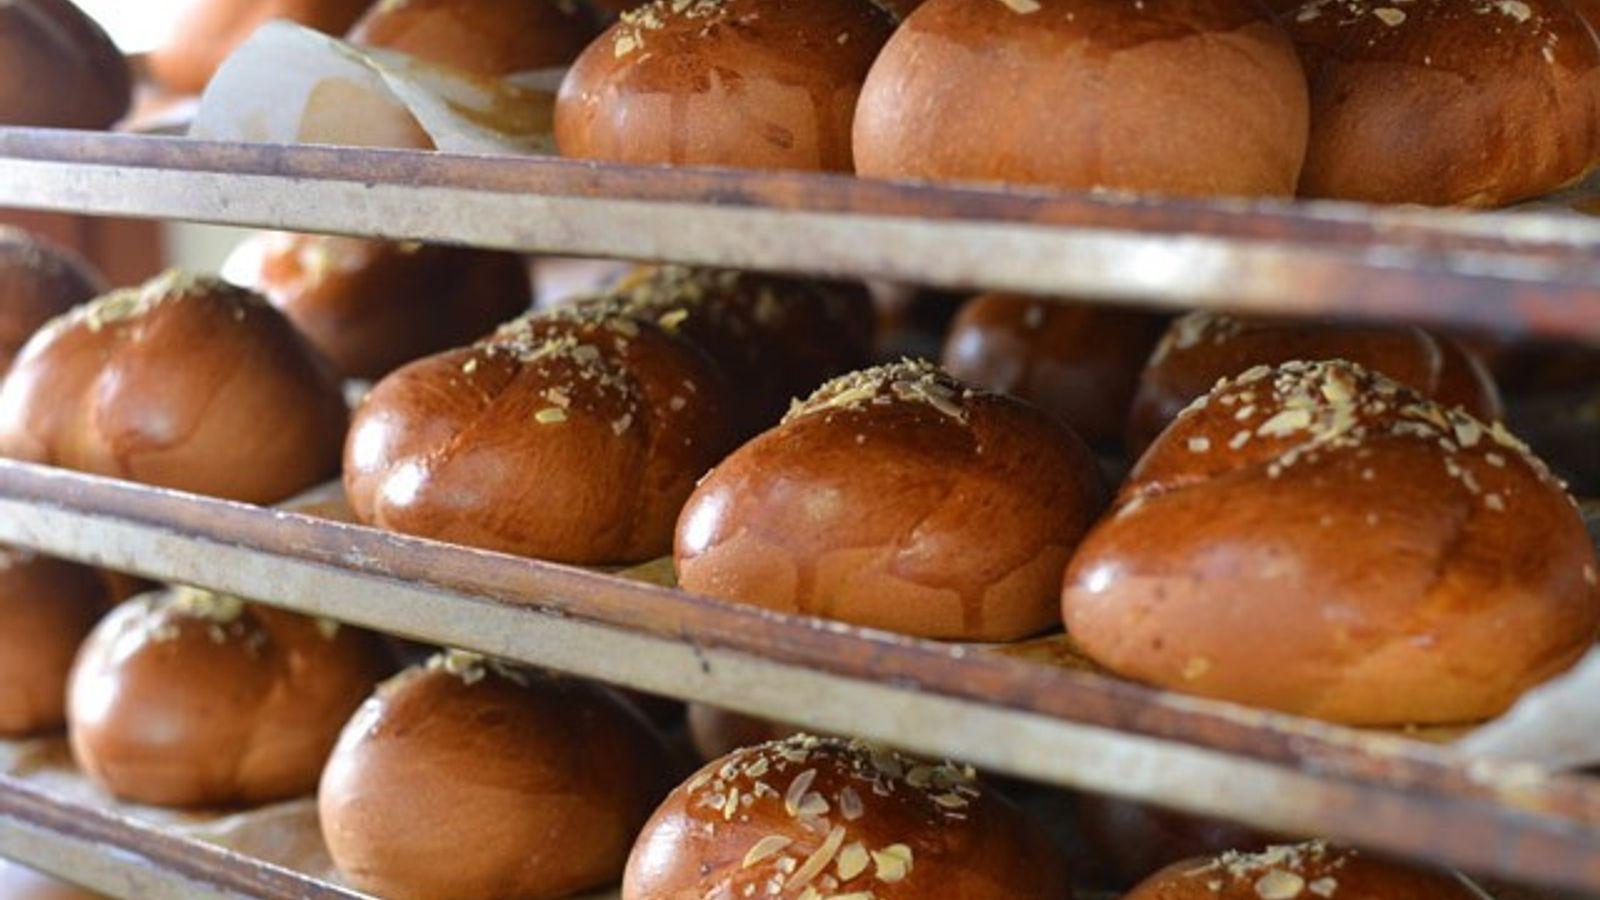 Freshly baked pastries, George Bairamis